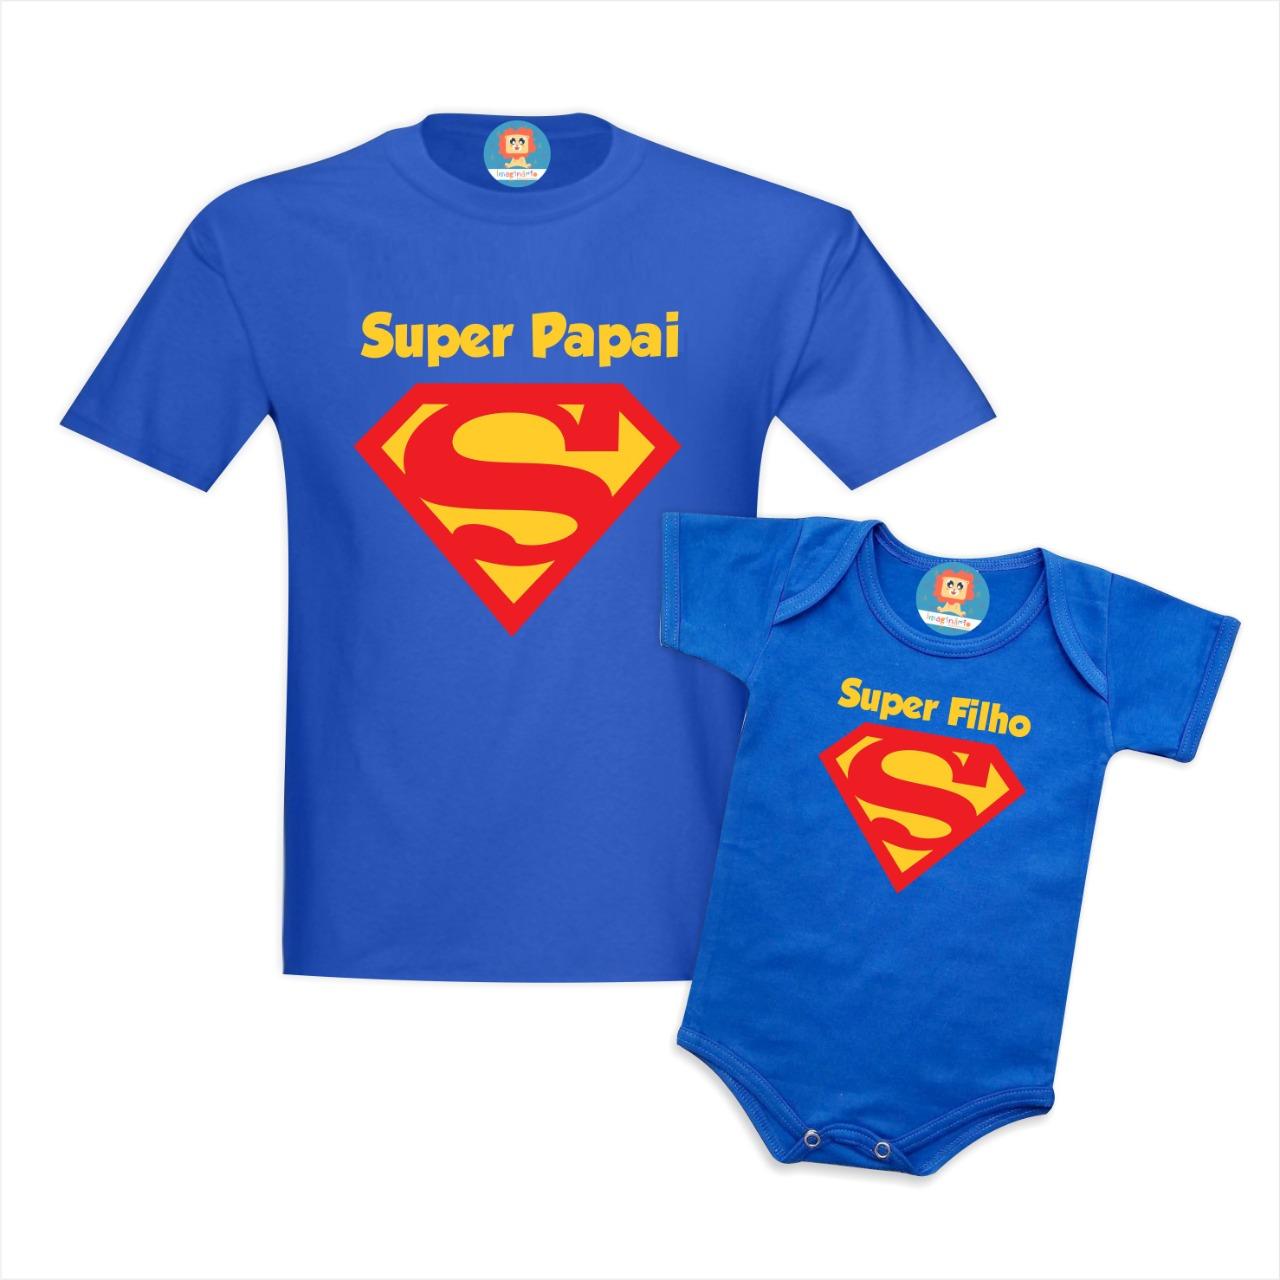 Kit Camisetas Super Papai e Super Filho(a)